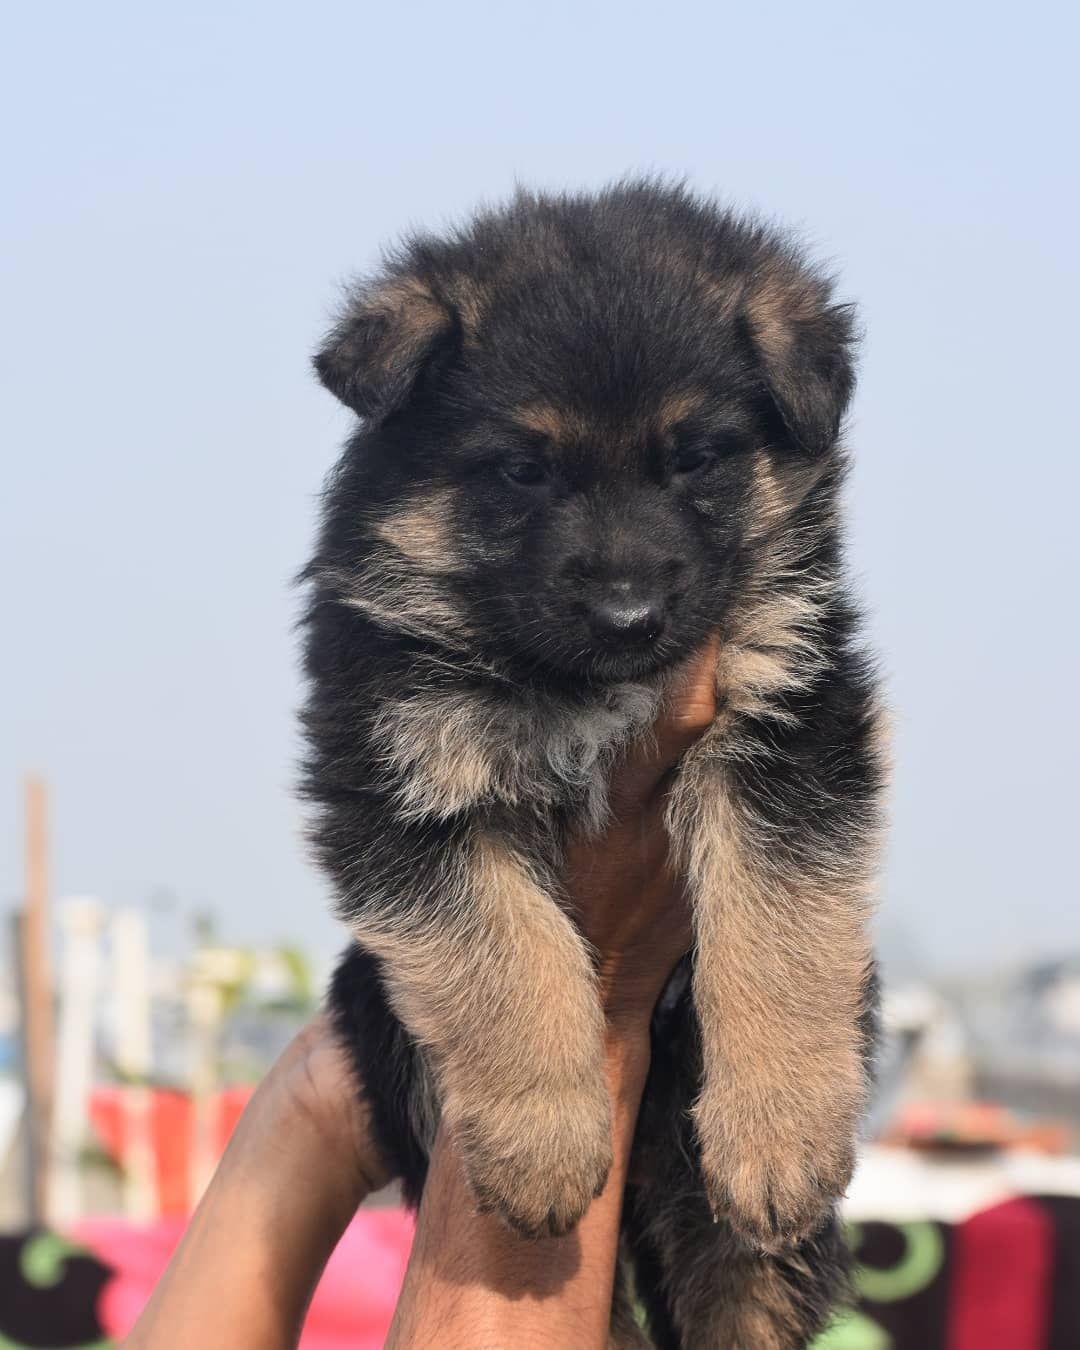 German Shepherd Puppies For Sale In 2020 German Shepherd Puppies Shepherd Puppies Puppies For Sale